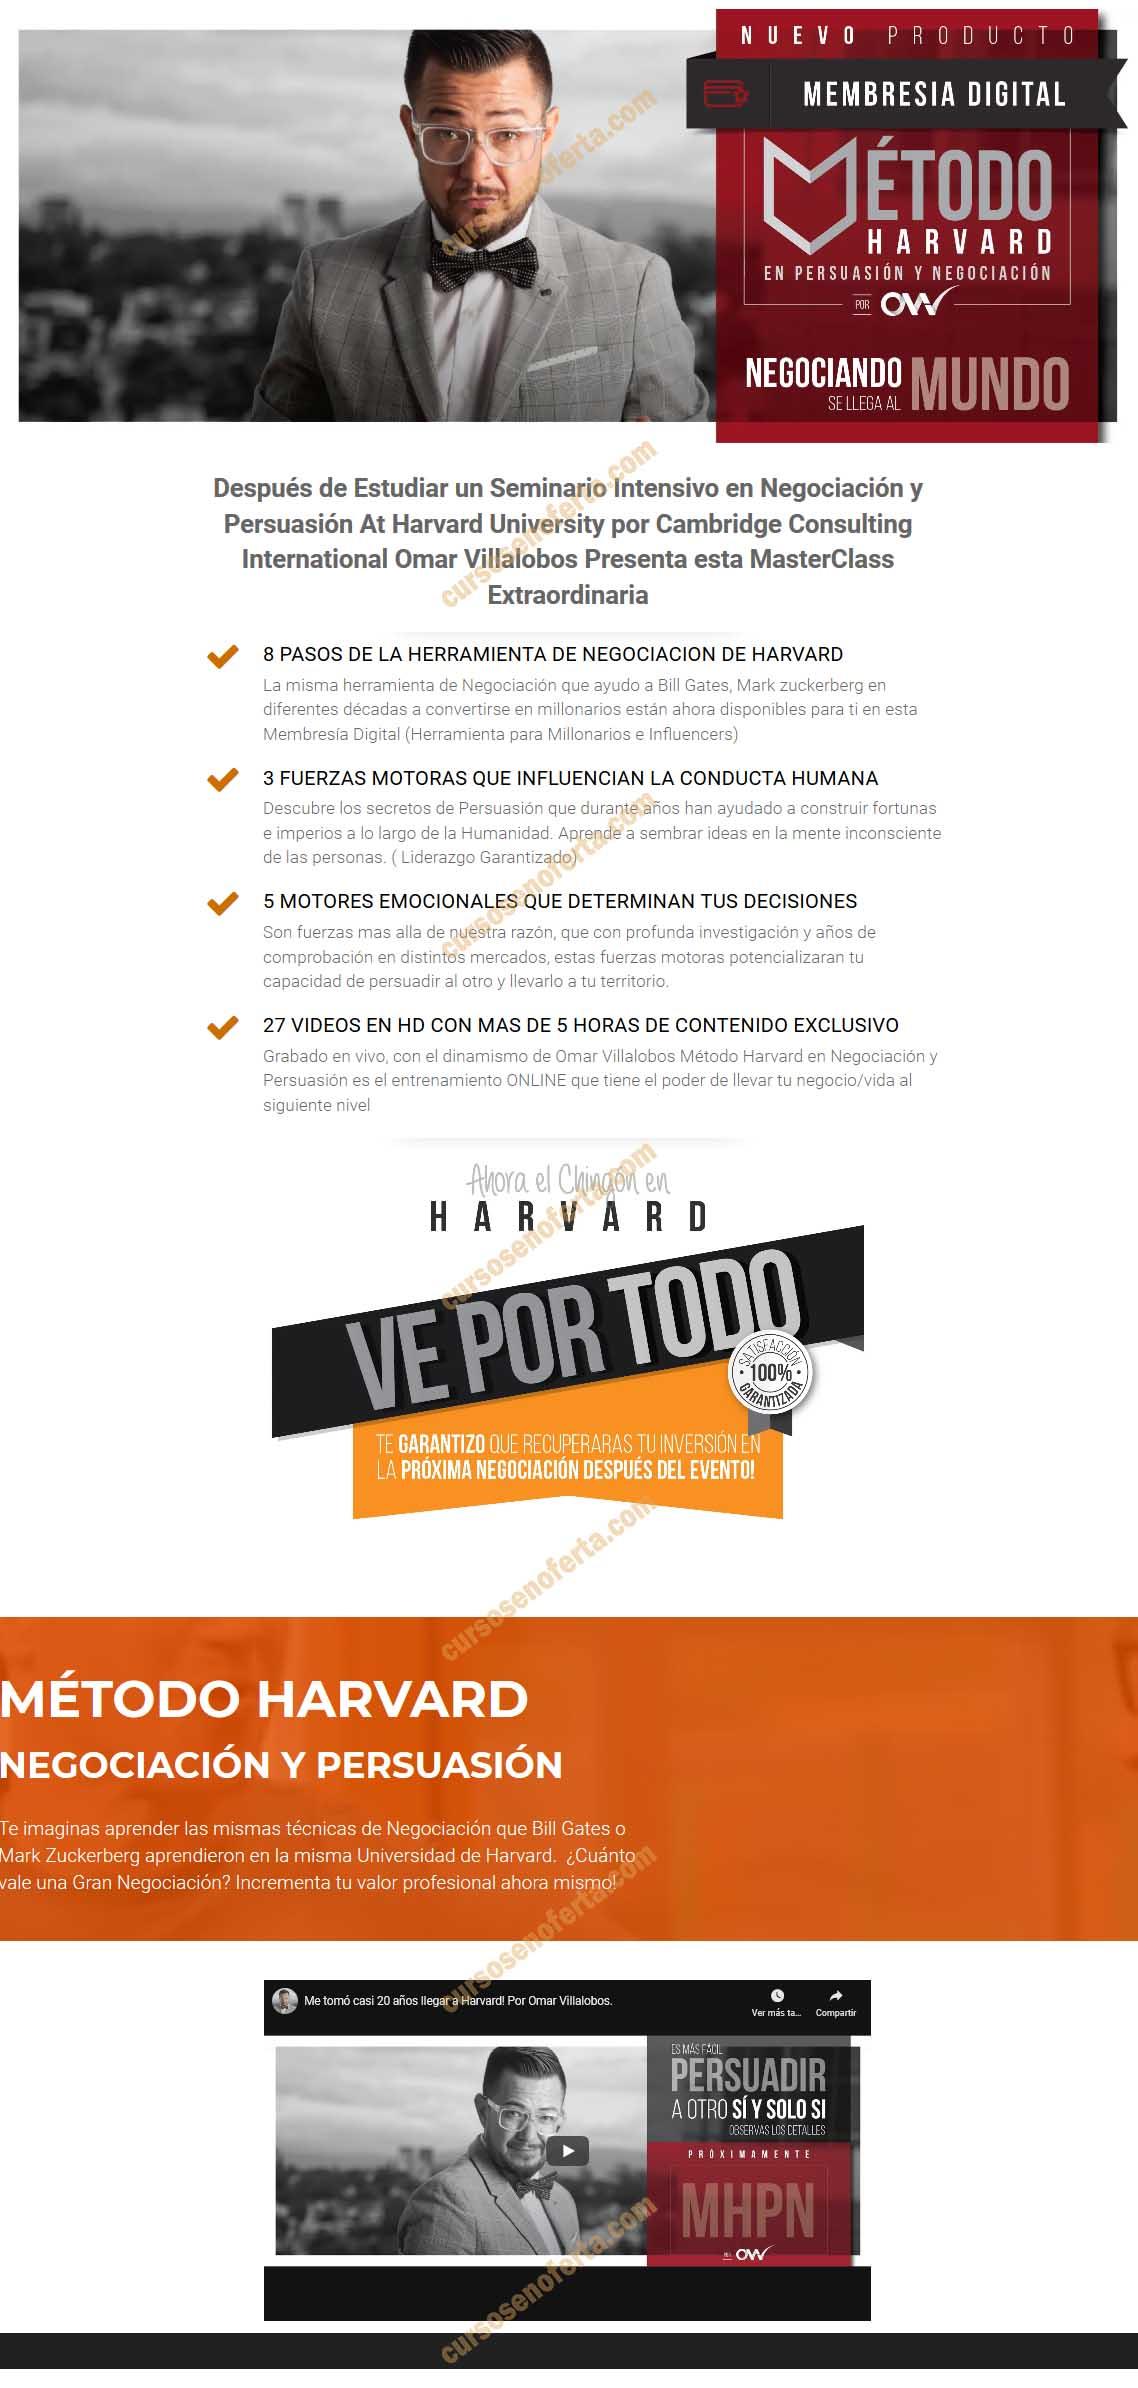 Método Harvard en Persuasión y Negociación